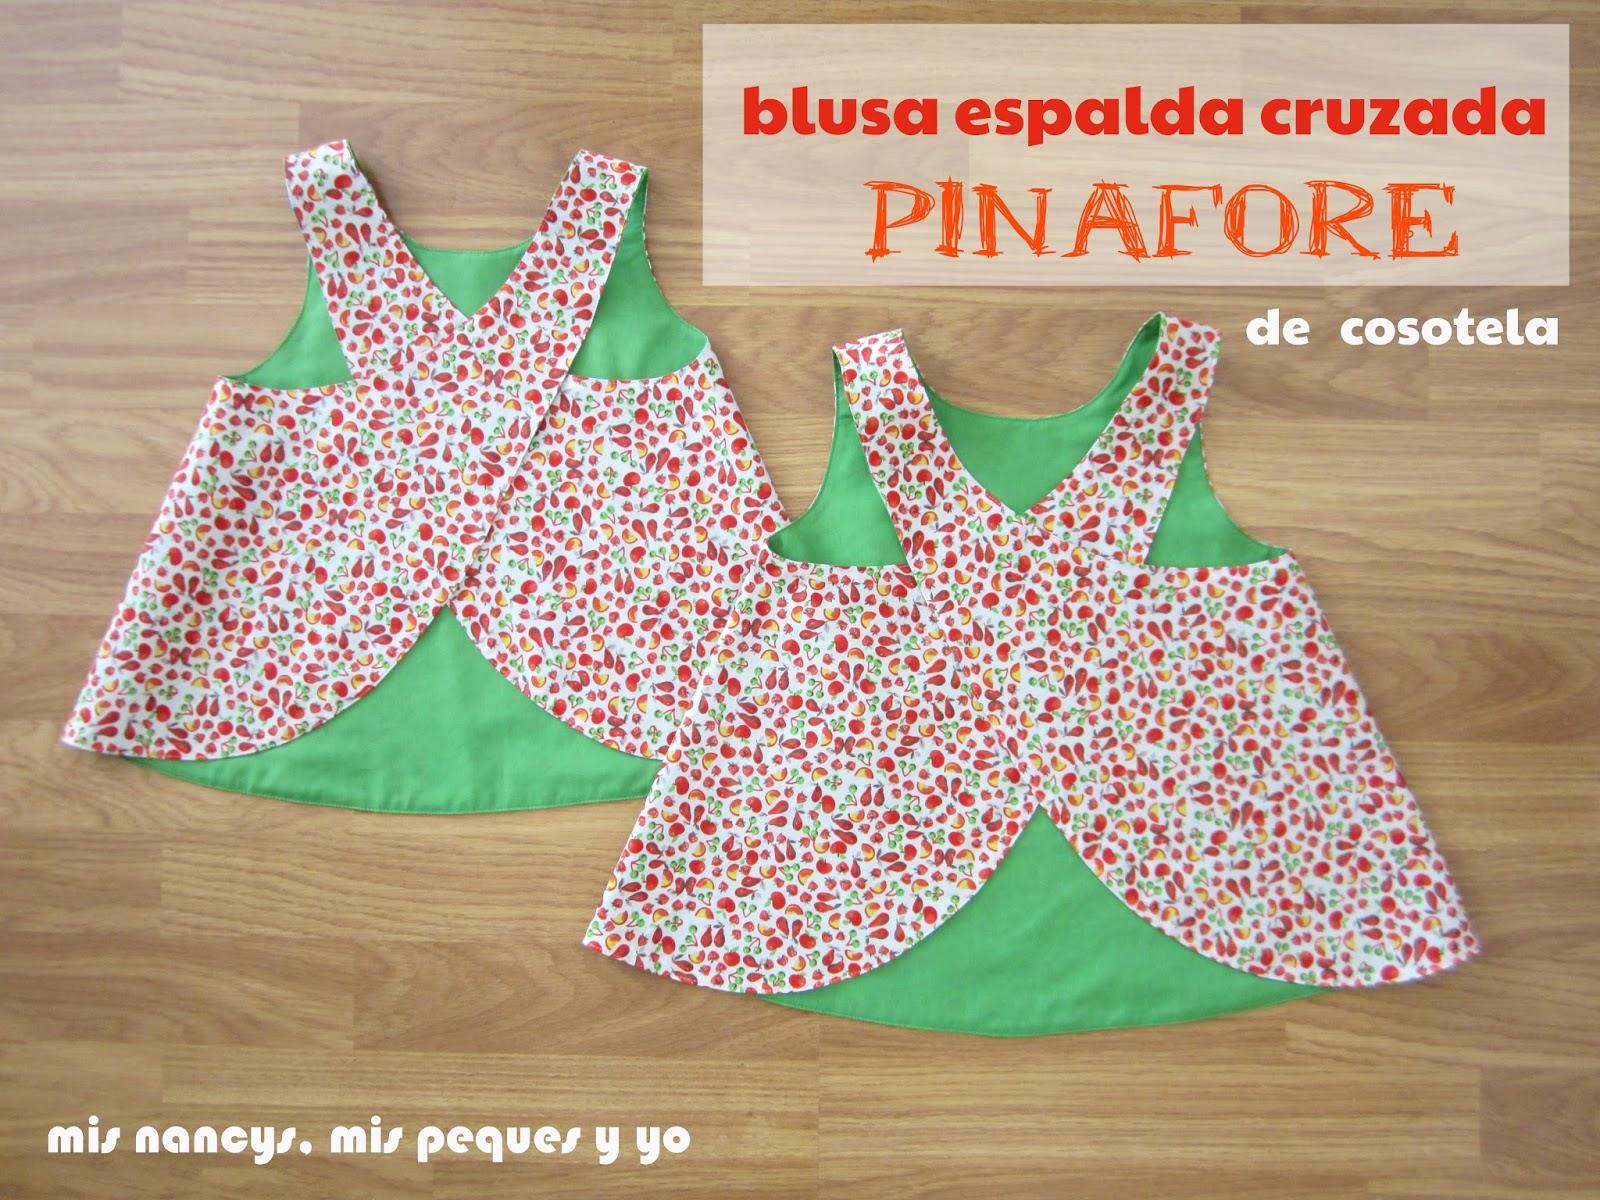 """Blusa con la espalda cruzada Pinafore de """"Cosotela"""""""